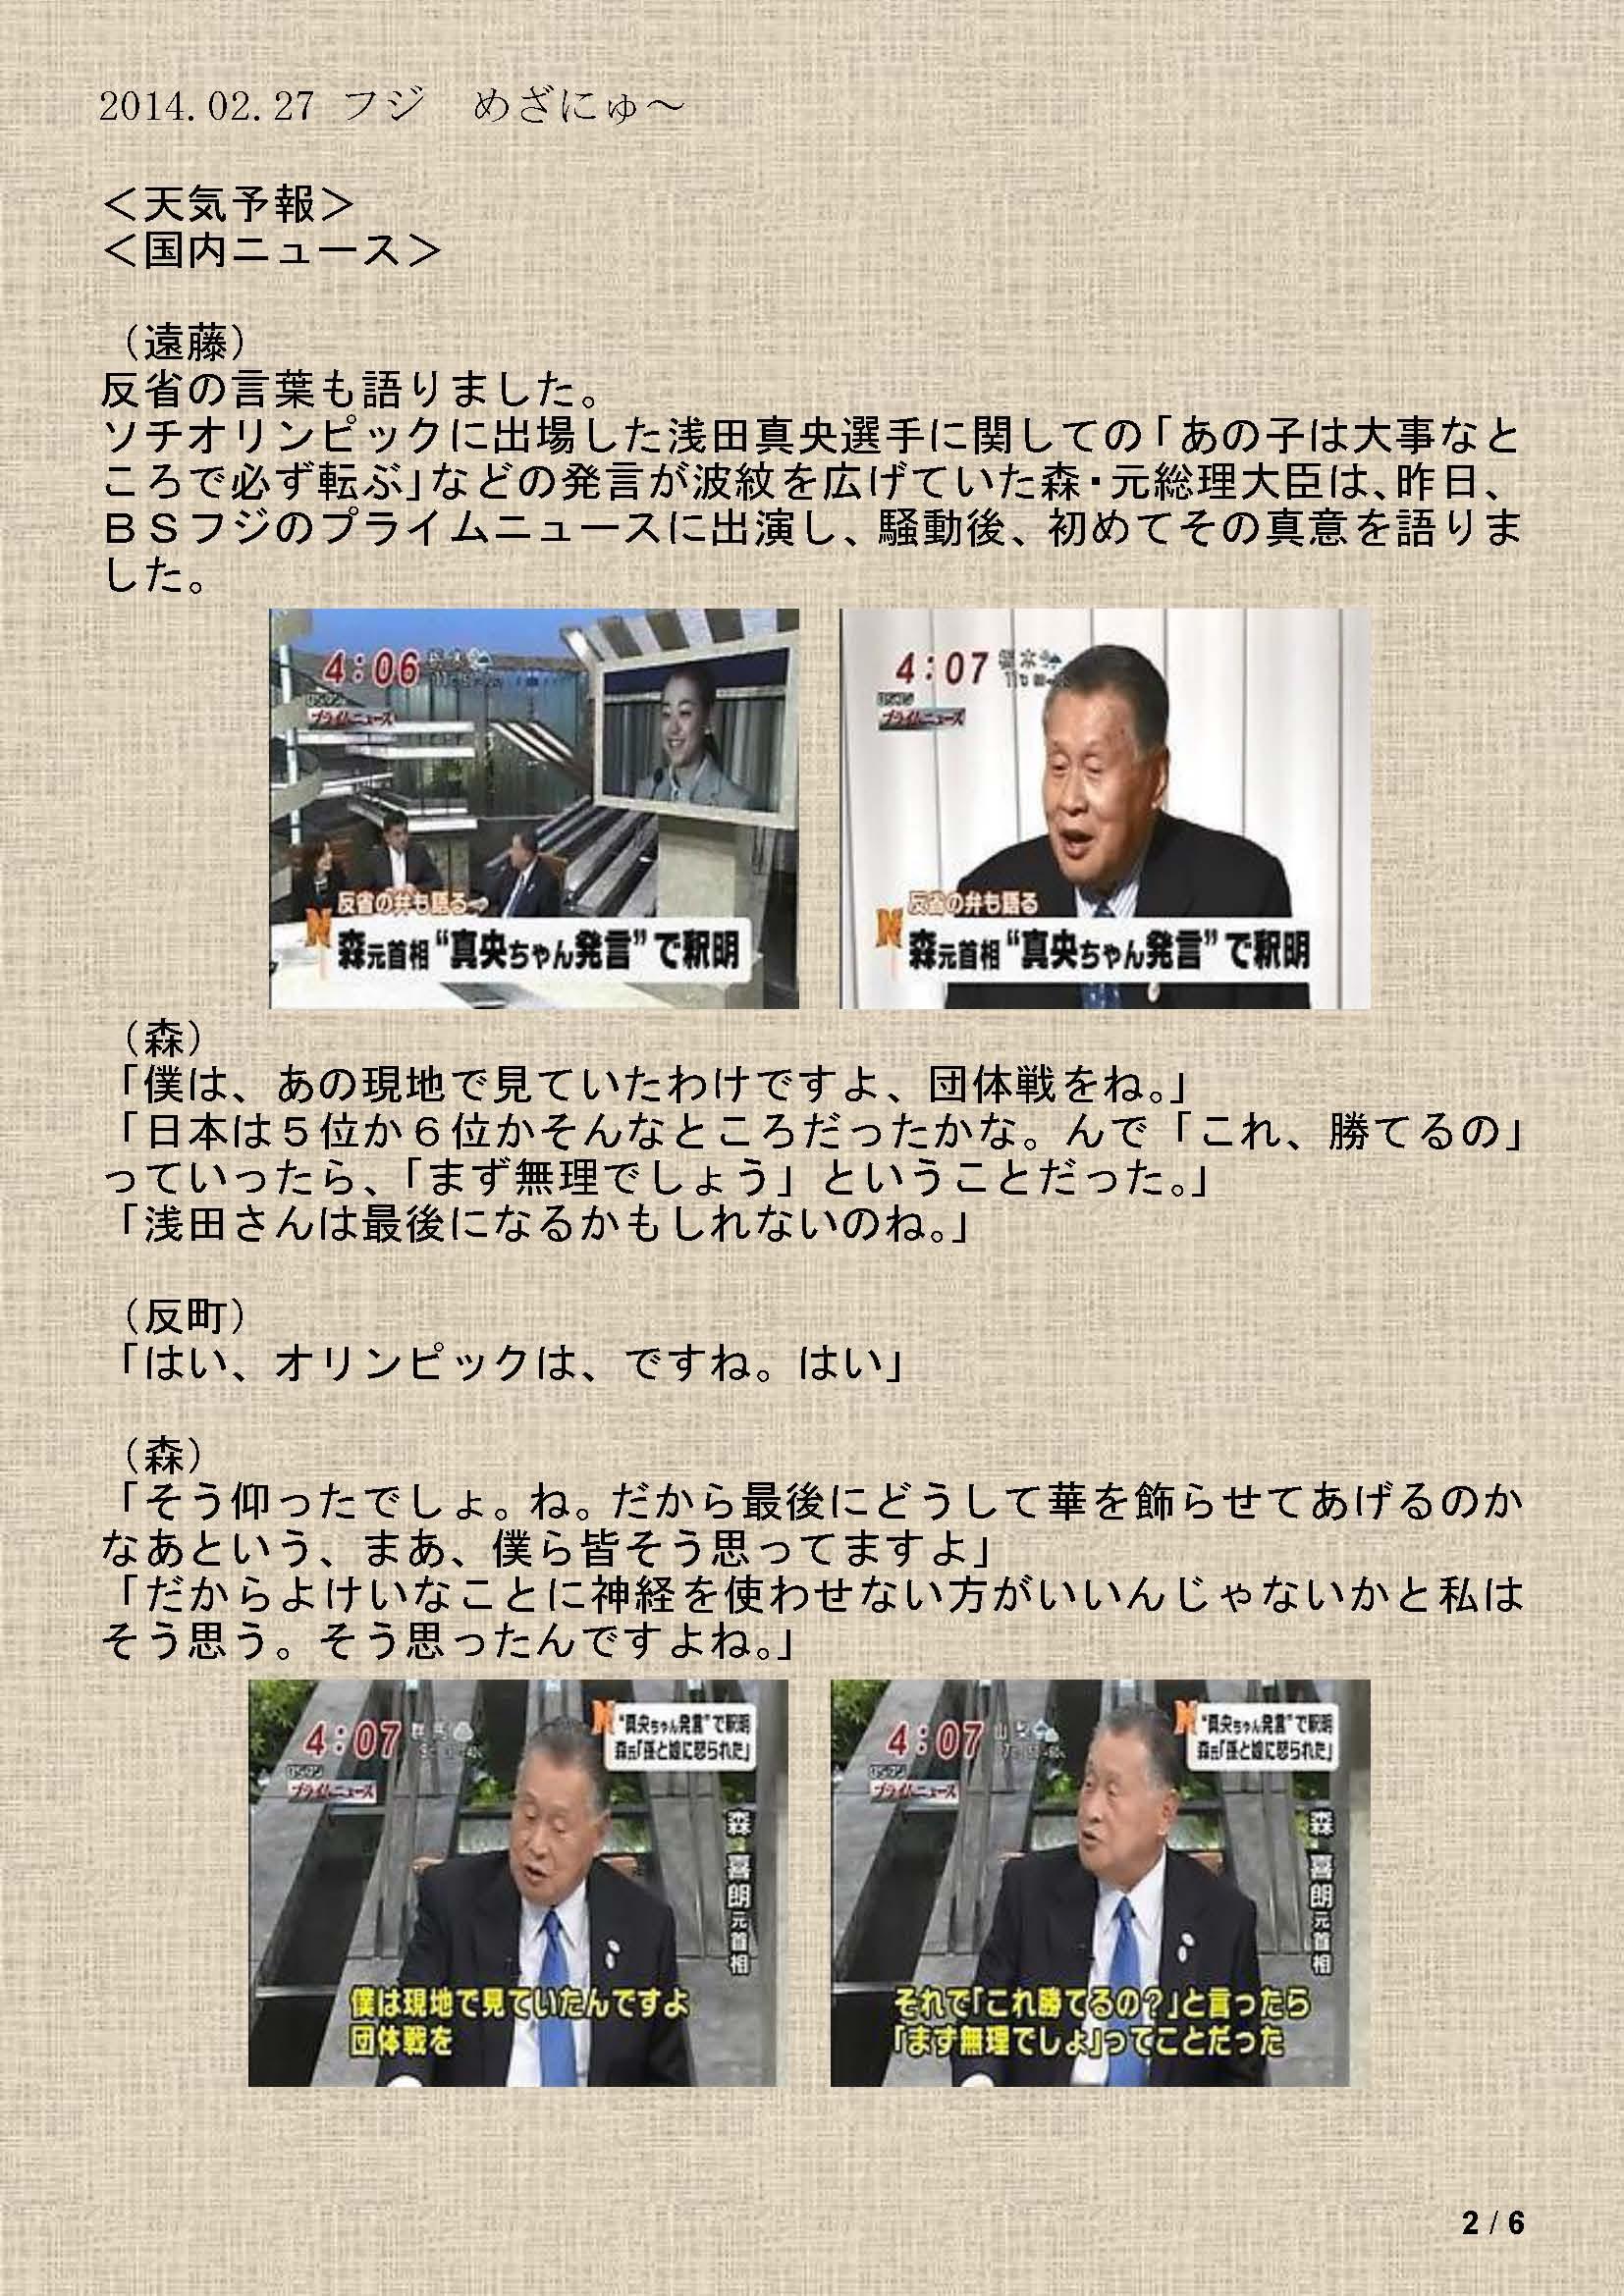 2014.02.27 フジ めざにゅ~(羽生・浅田(森元首相関連))_ページ_2